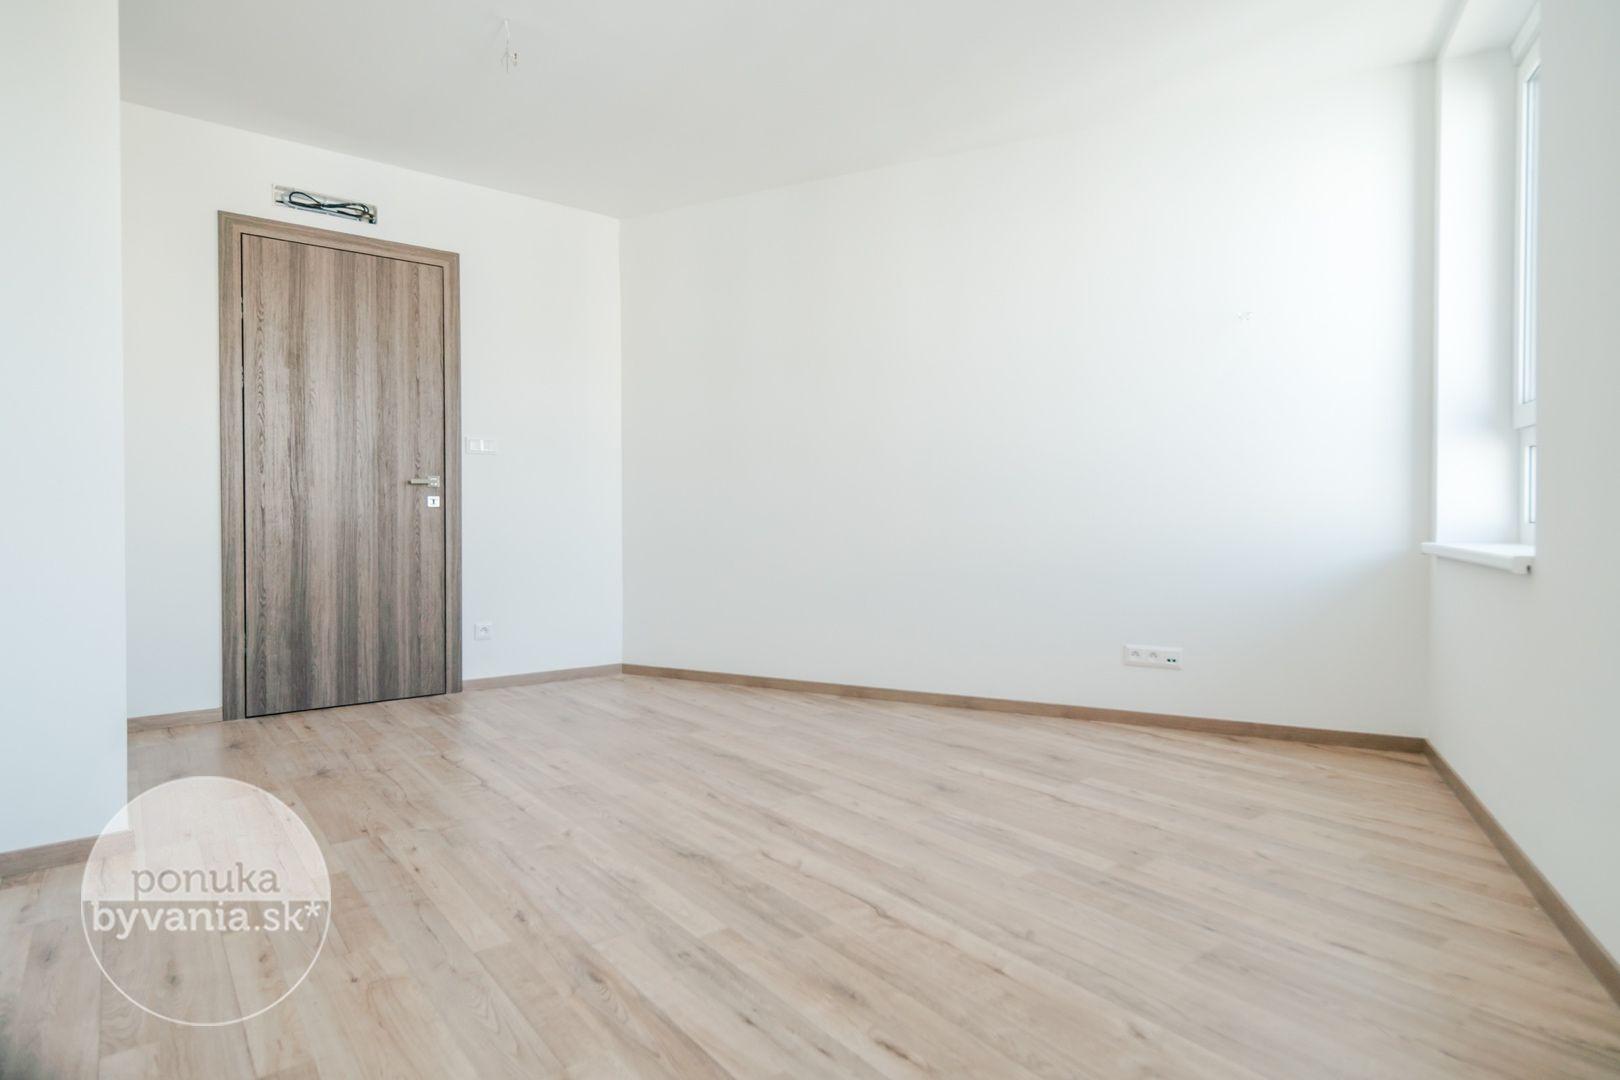 ponukabyvania.sk_Jarabinková_3-izbový-byt_BEREC